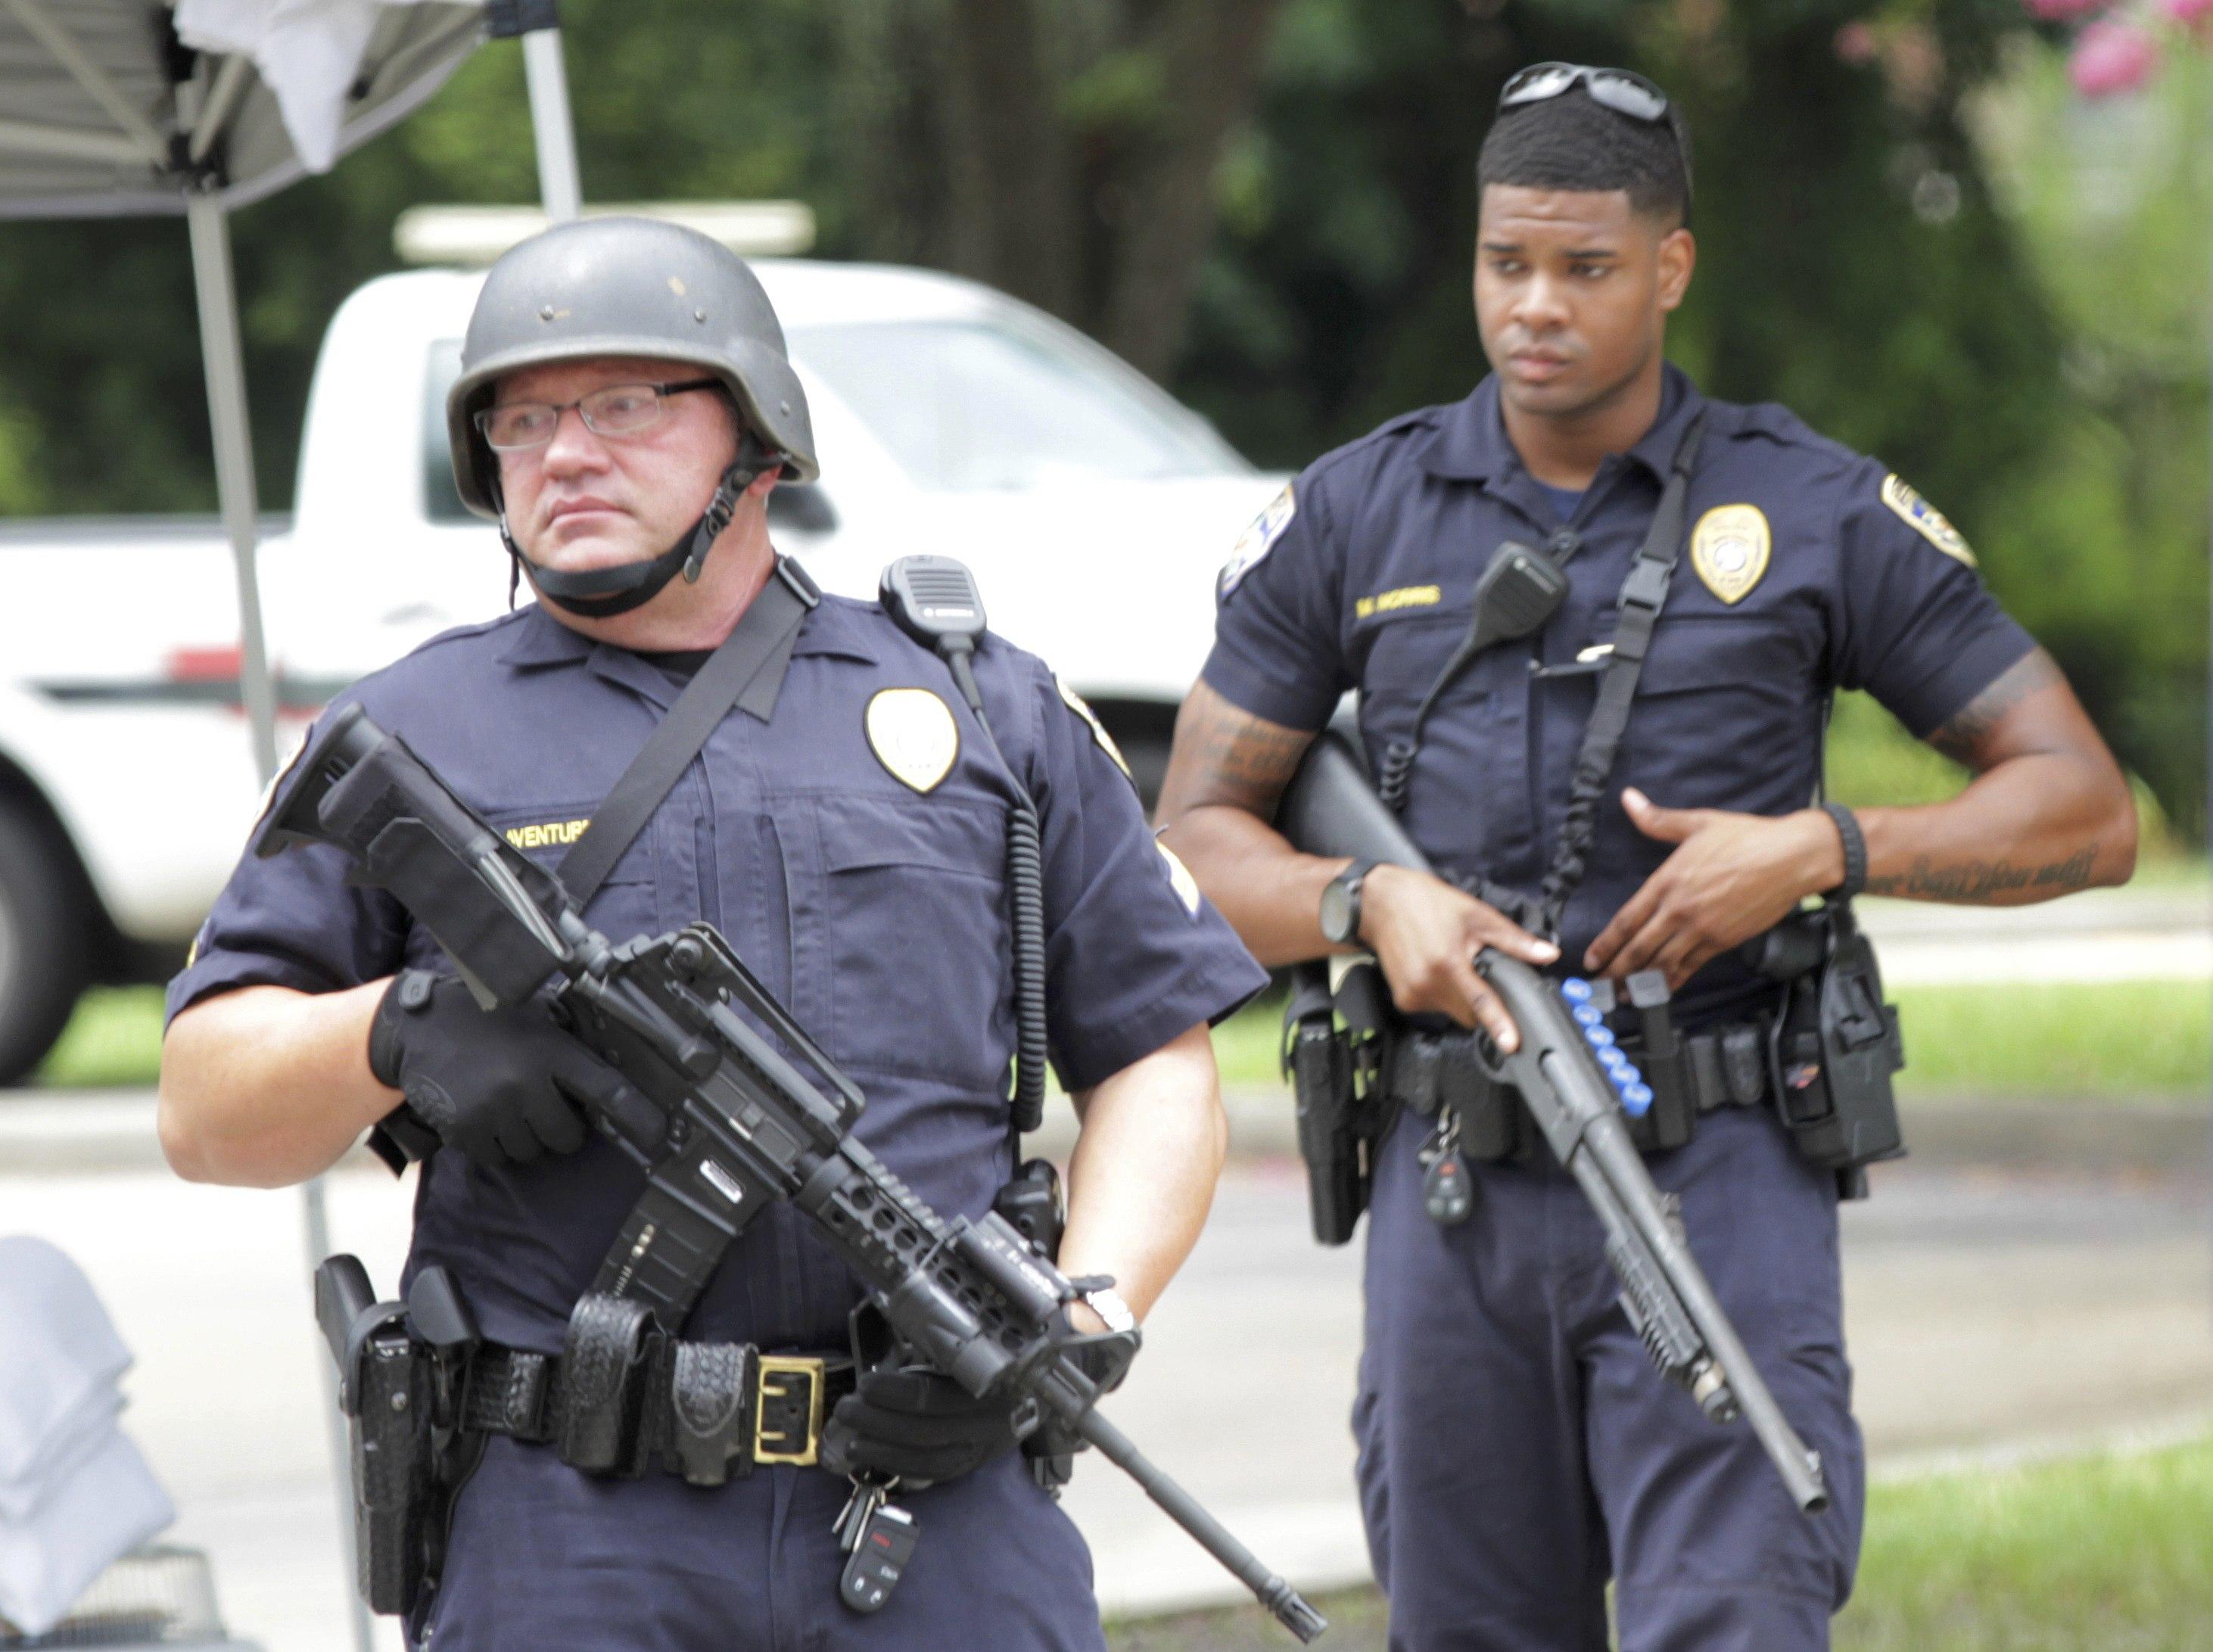 Baton Rouge Shooter Set Up Quot Ambush Quot Quot Seeking Out Police